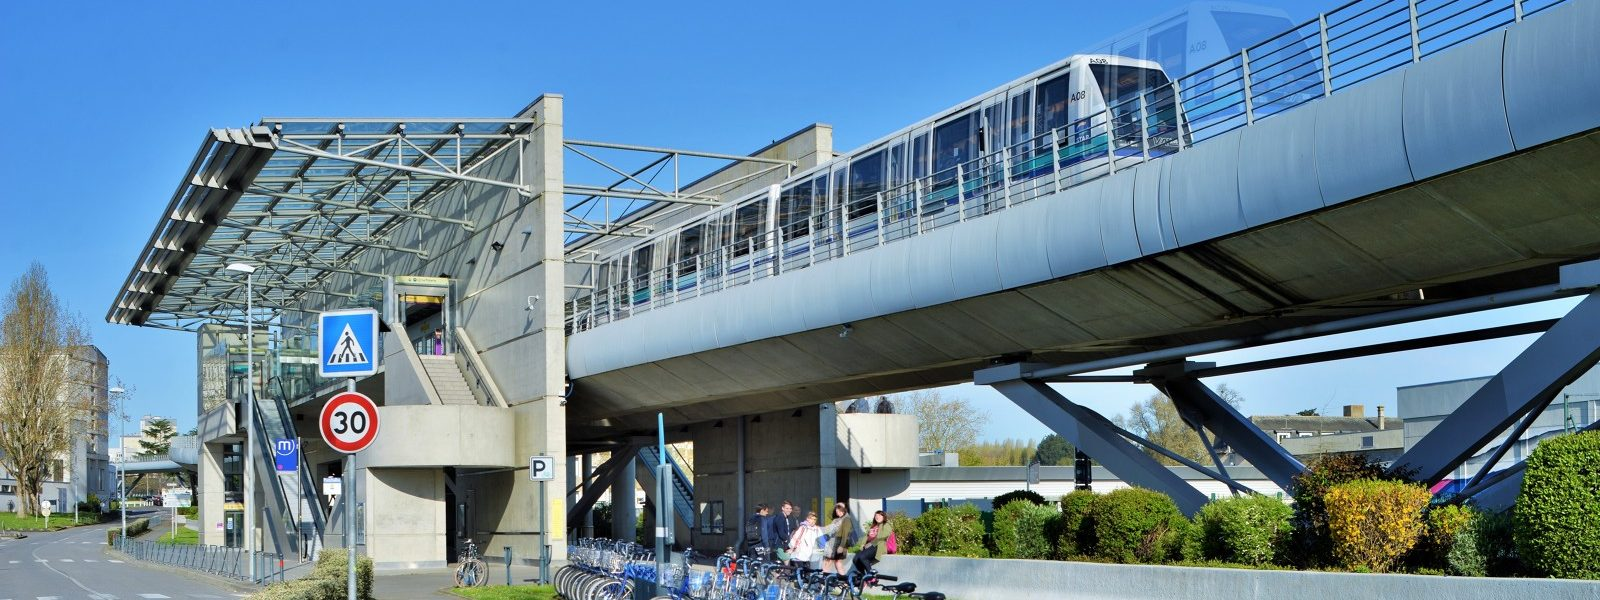 station métro Pontchaillou Rennes